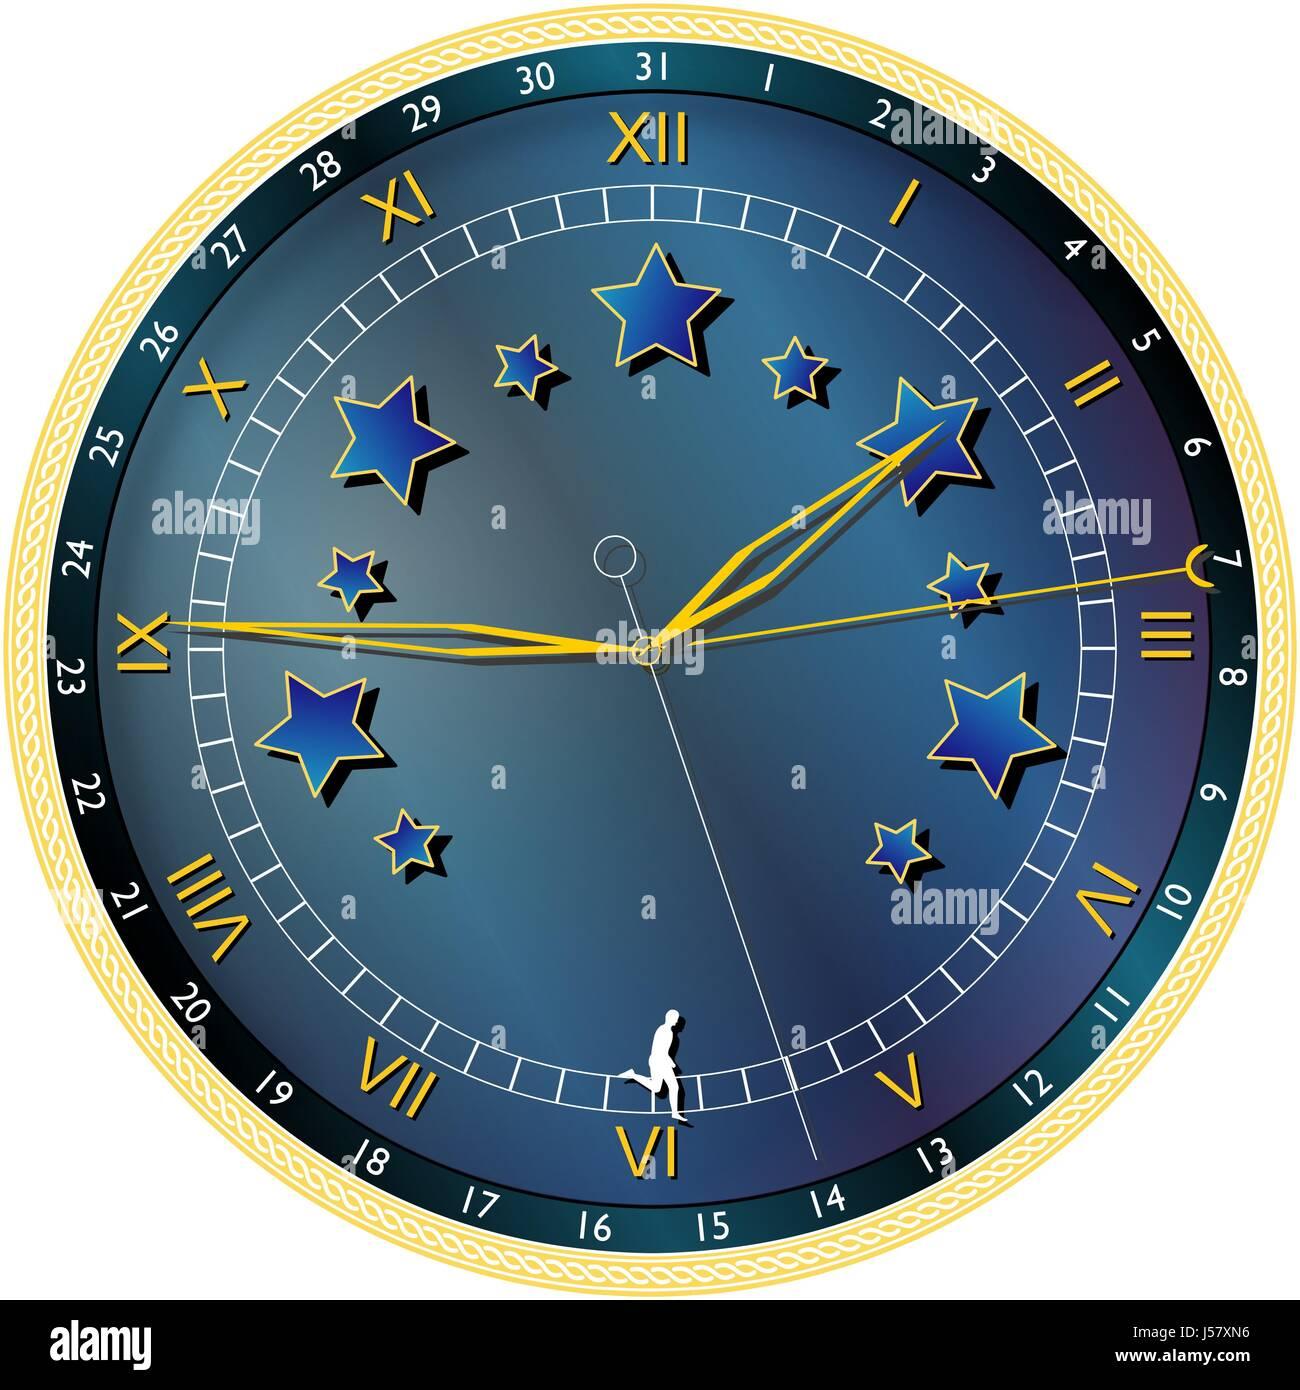 chronograph - Stock Image